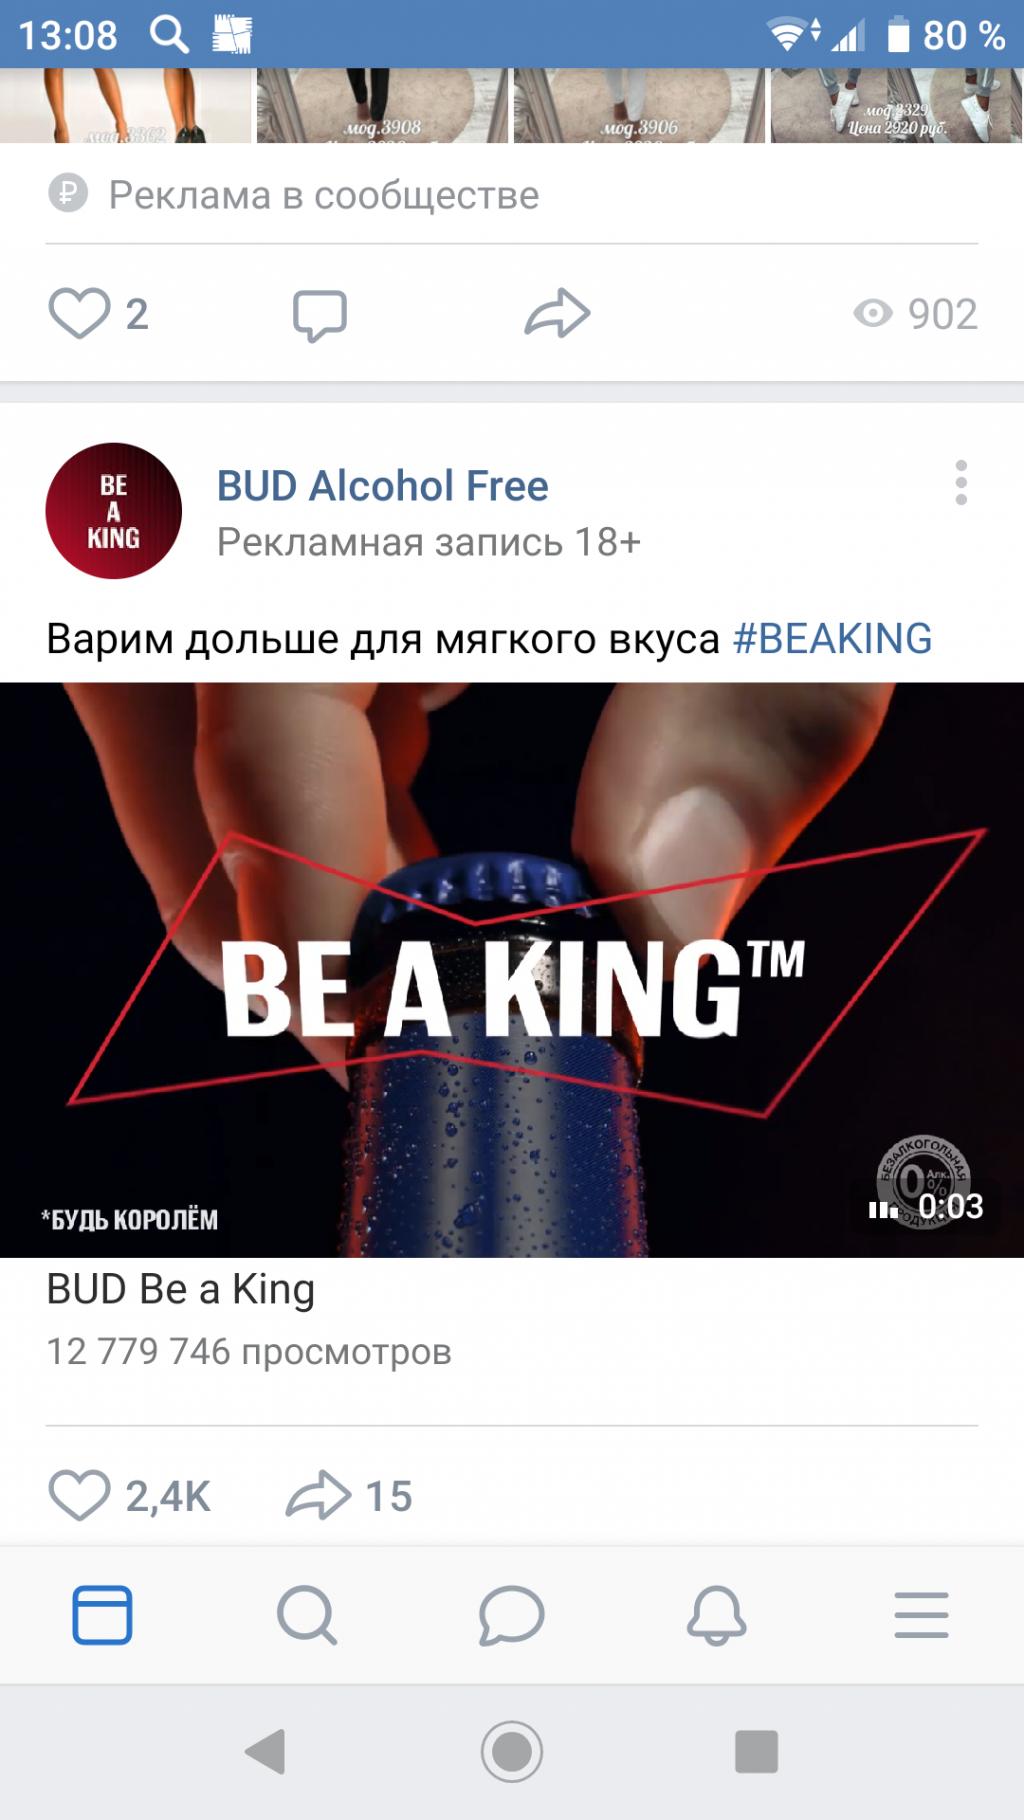 ВКонтакте - Реклама алколя